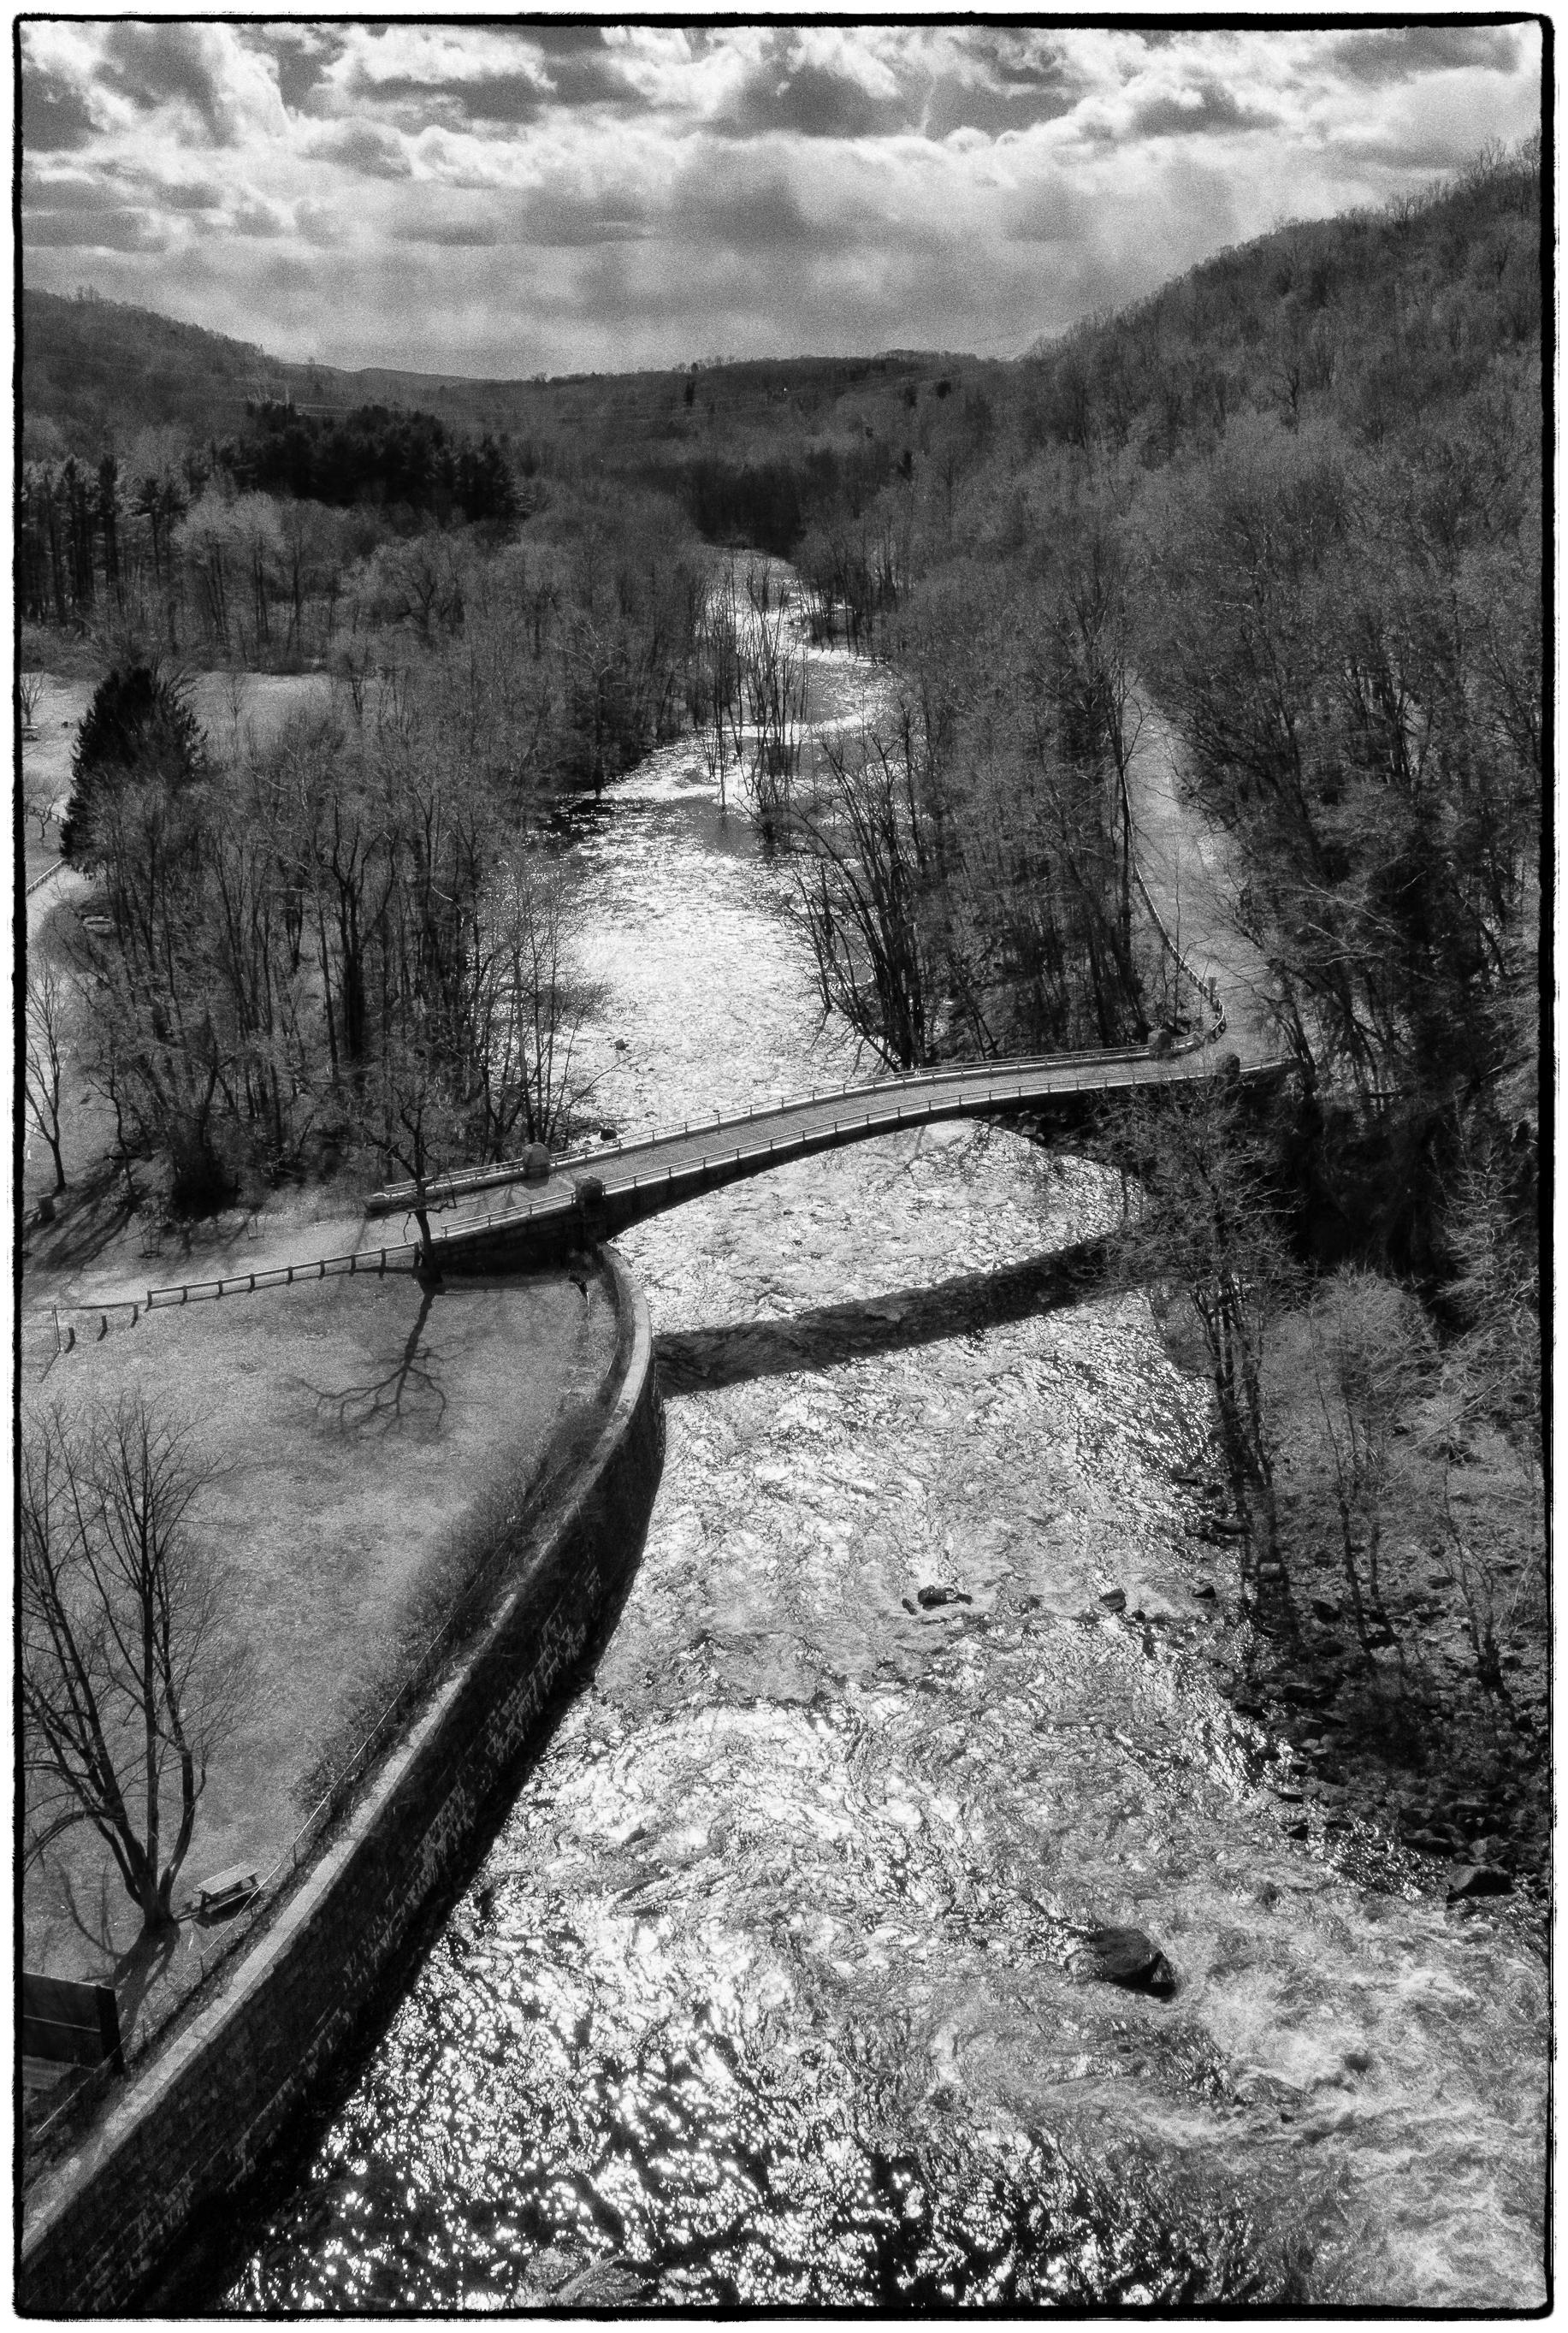 Croton Gorge A River Runs Through It Photography